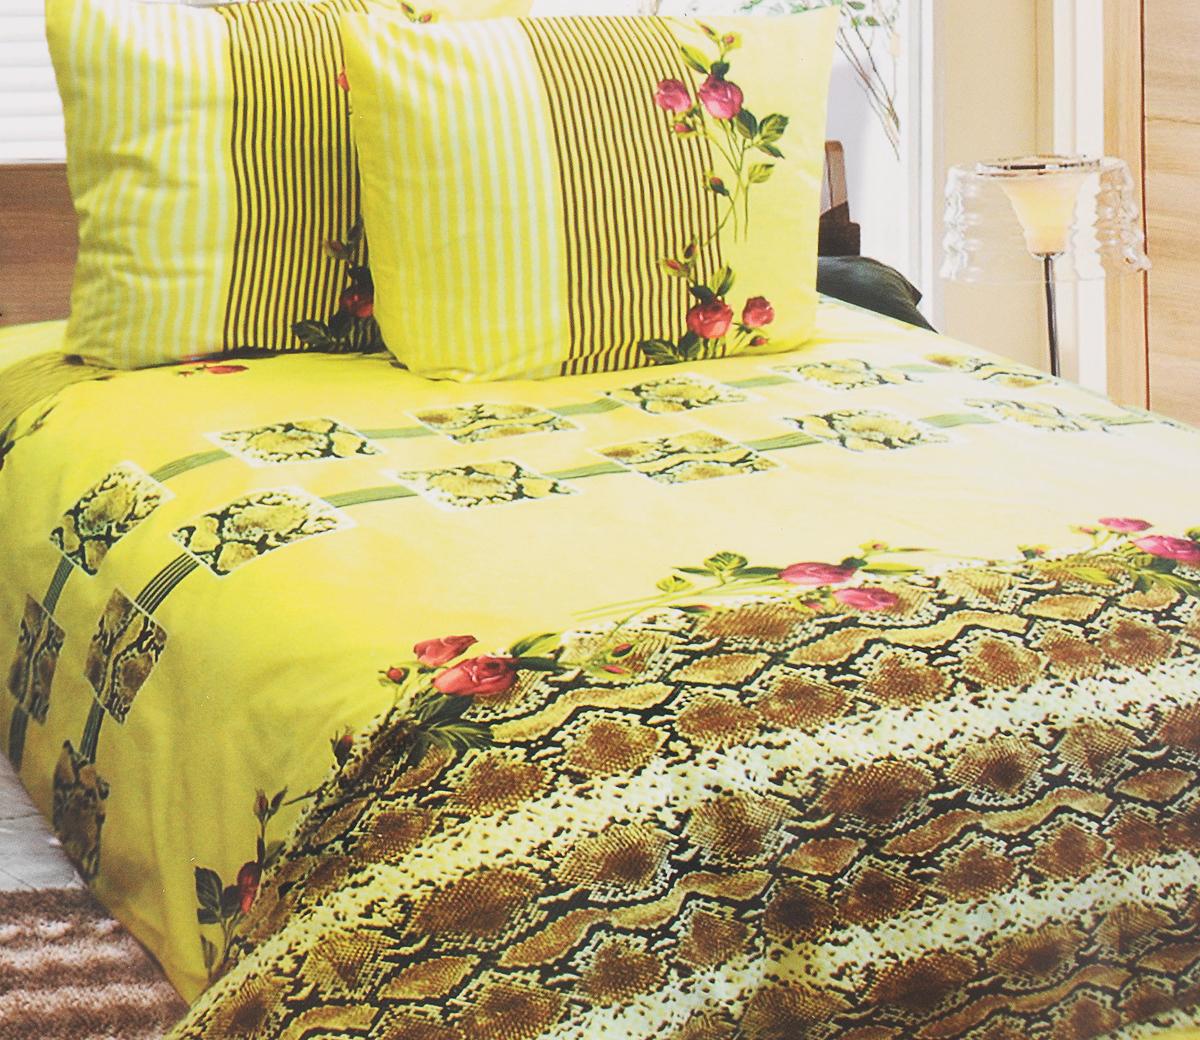 Комплект белья Катюша Клеопатра, 2-спальный, наволочки 50х70, цвет: светло-желтый, коричневый, красныйC-265/3954Комплект постельного белья Катюша Клеопатра является экологически безопасным для всей семьи, так как выполнен из бязи (100% хлопок). Комплект состоит из пододеяльника, простыни и двух наволочек. Постельное белье оформлено оригинальным рисунком и имеет изысканный внешний вид. Бязь - это ткань полотняного переплетения, изготовленная из экологически чистого и натурального 100% хлопка. Она прочная, мягкая, обладает низкой сминаемостью, легко стирается и хорошо гладится. Бязь прекрасно пропускает воздух и за ней легко ухаживать. При соблюдении рекомендуемых условий стирки, сушки и глажения ткань имеет усадку по ГОСТу, сохранятся яркость текстильных рисунков. Приобретая комплект постельного белья Катюша Клеопатра, вы можете быть уверенны в том, что покупка доставит вам и вашим близким удовольствие и подарит максимальный комфорт.